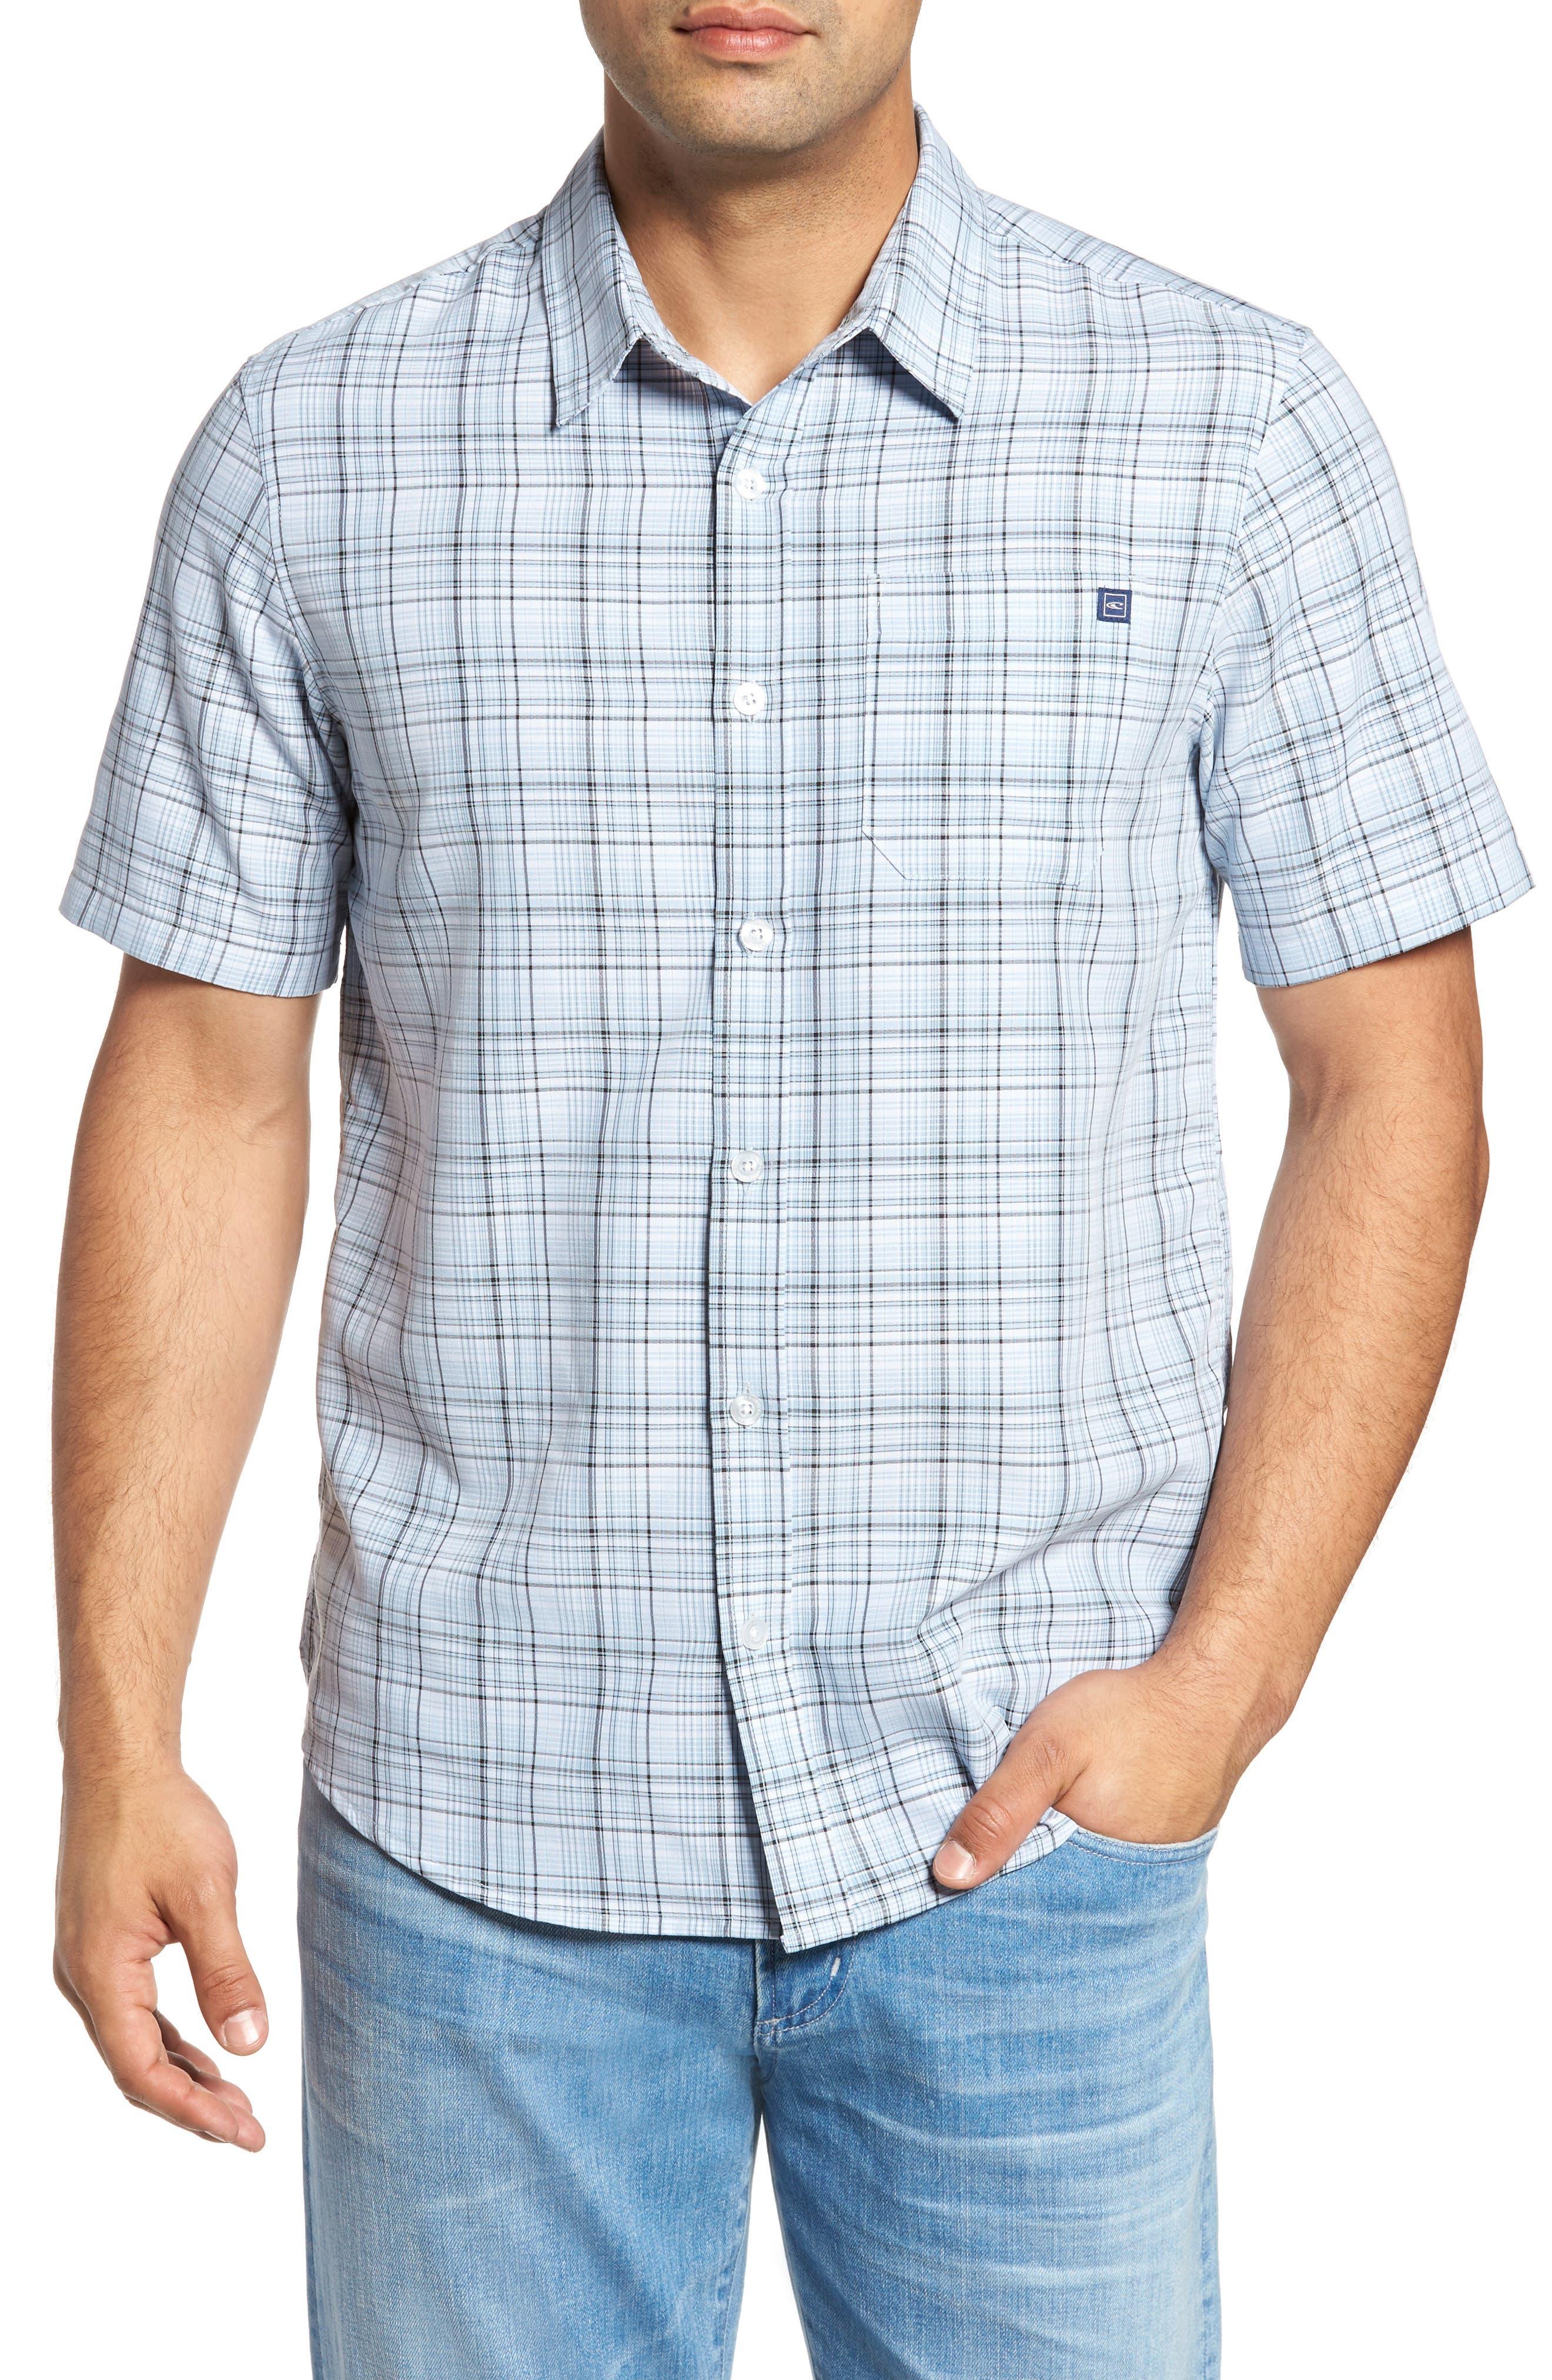 Shores Plaid Sport Shirt,                         Main,                         color, Bright Blue